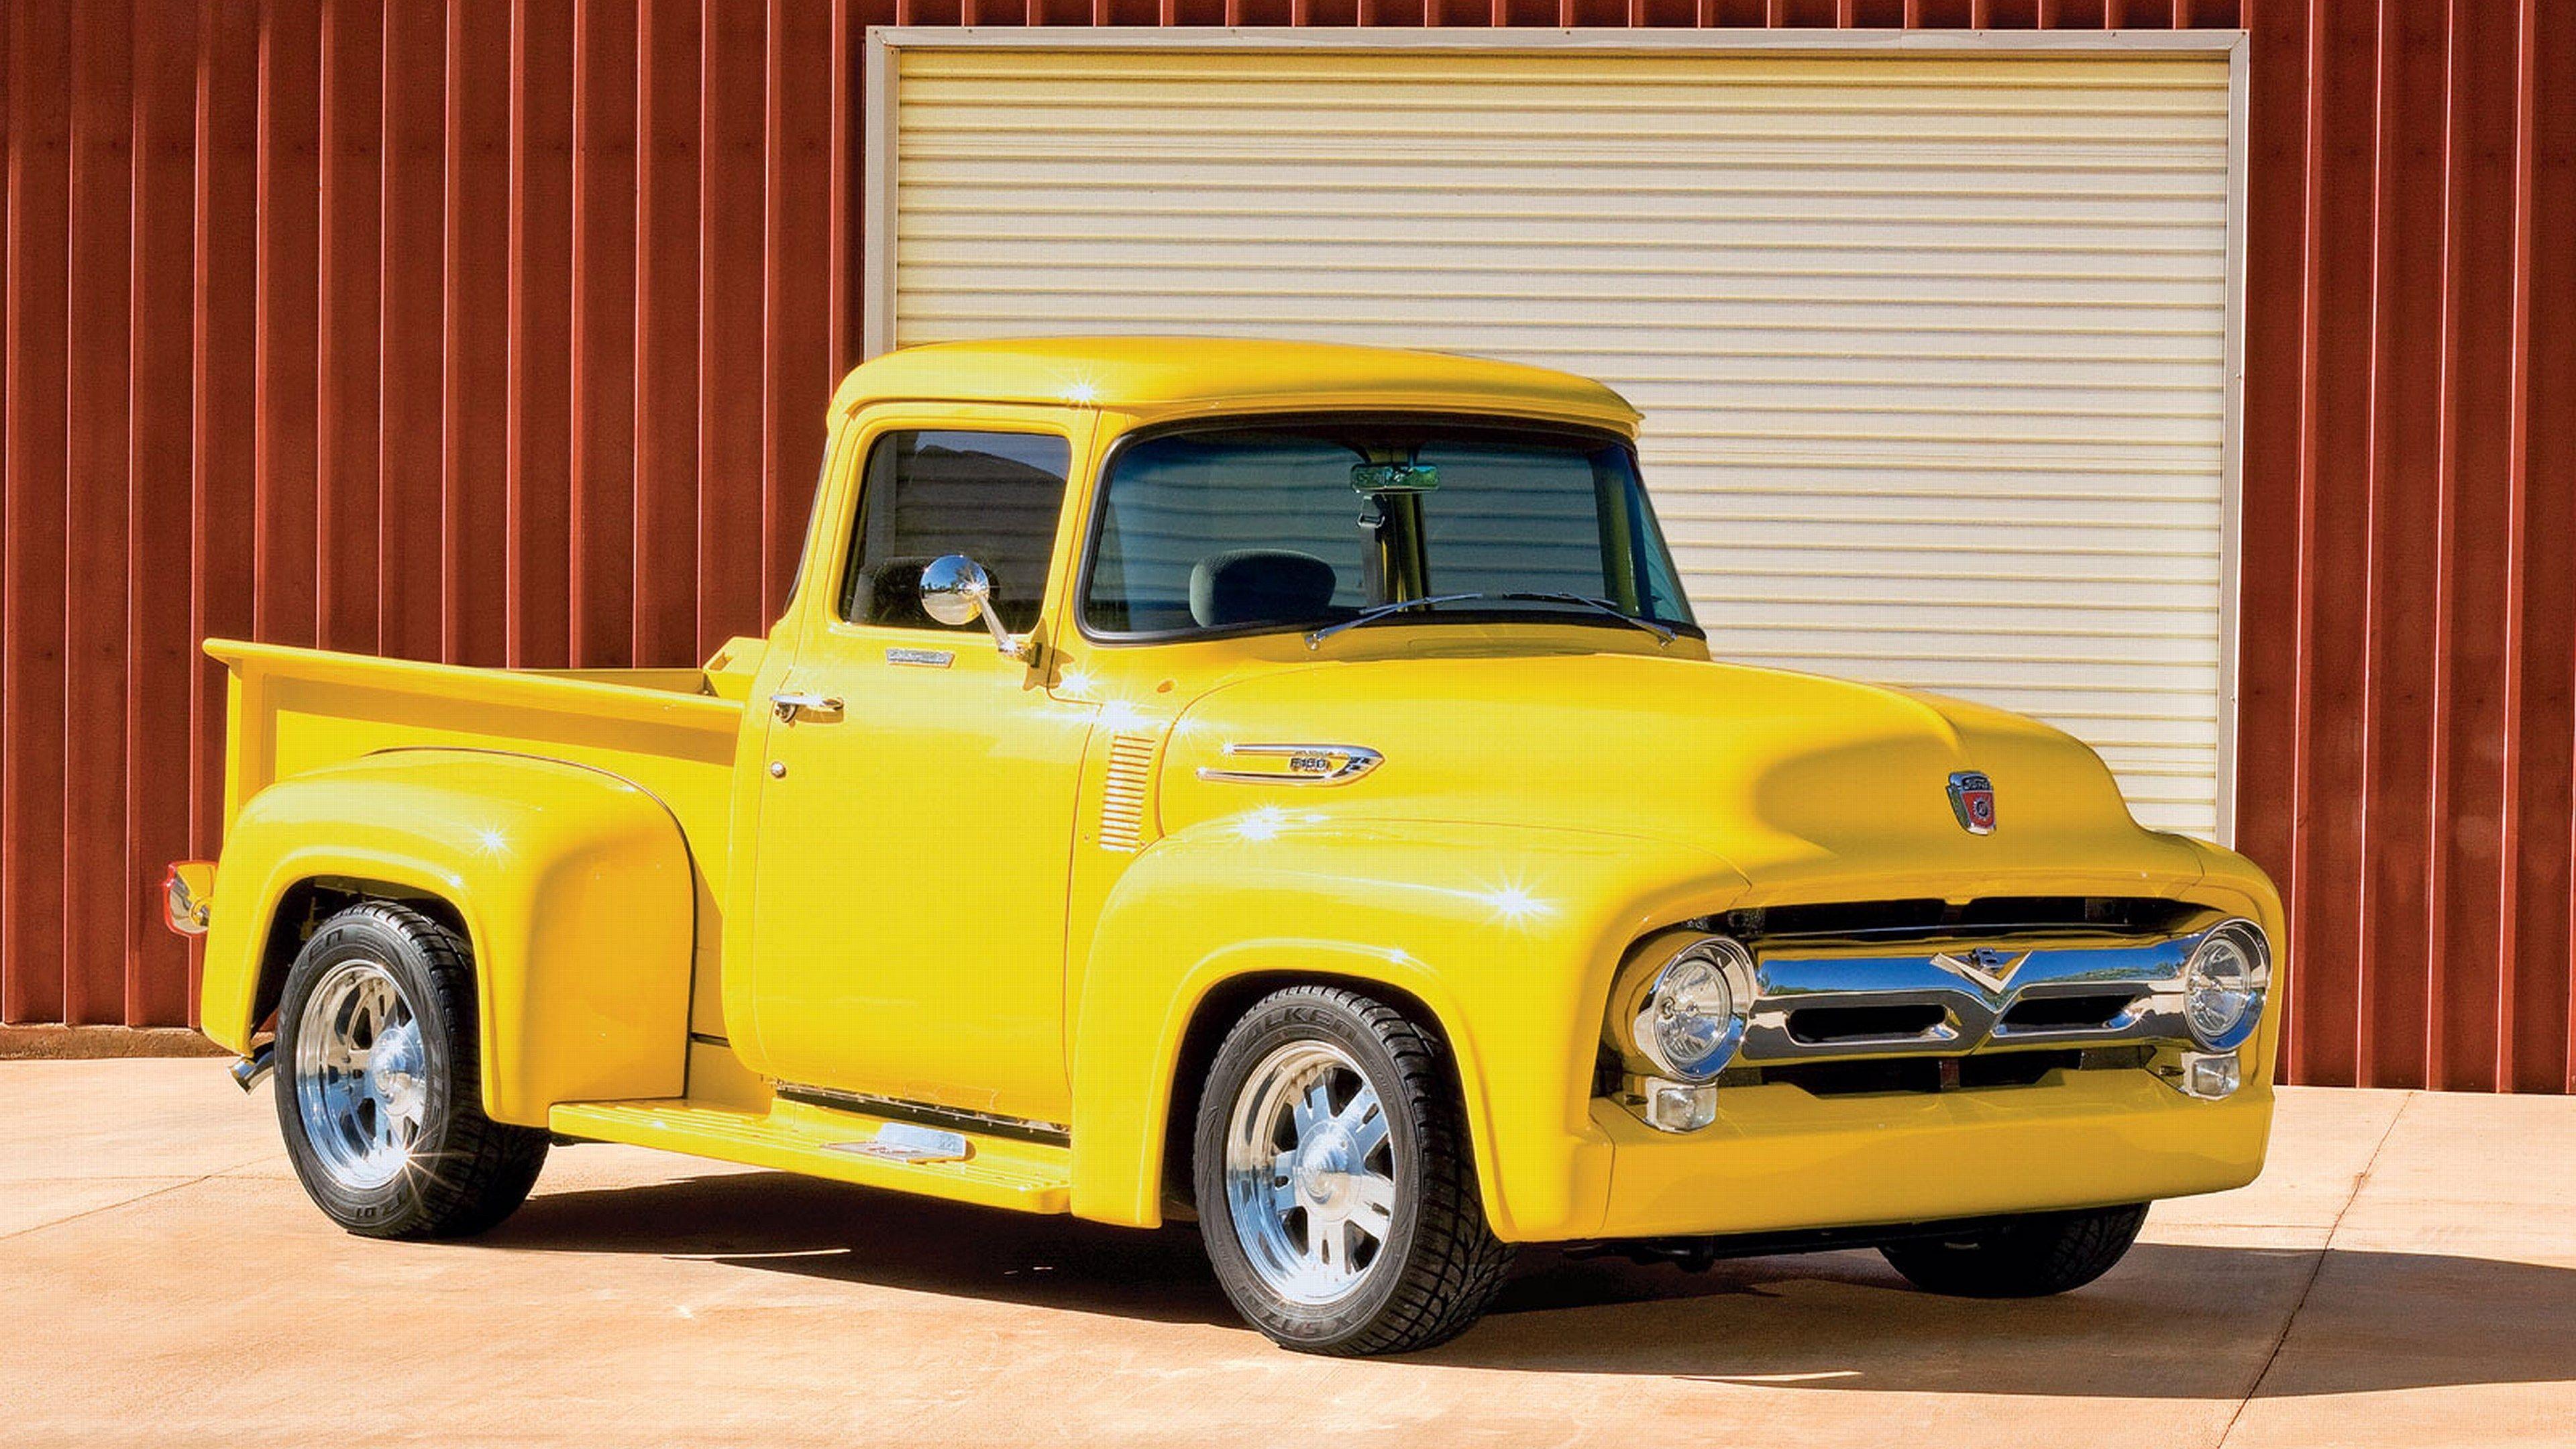 Ford 4k Wallpaper 3840x2160 John Deere 2 Trucks Classic